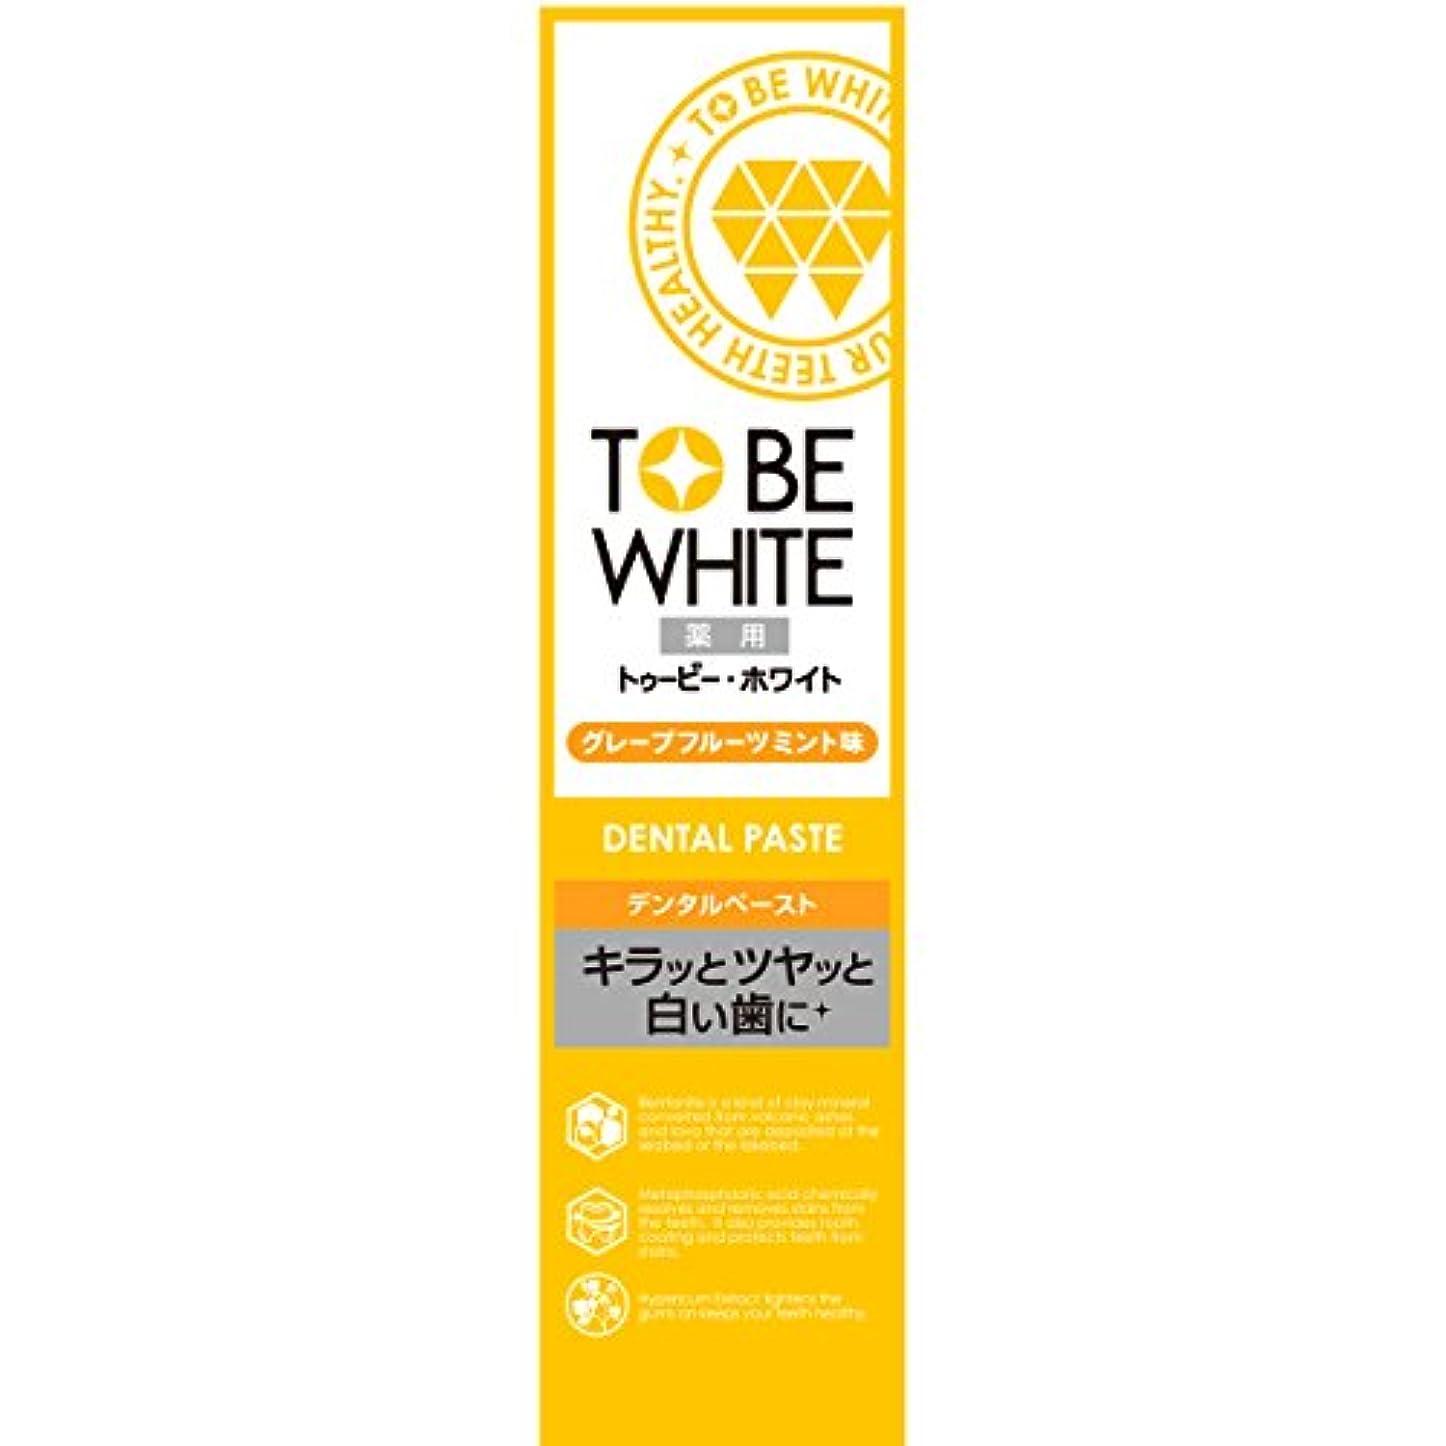 変換する腰蒸留トゥービー?ホワイト 薬用 ホワイトニング ハミガキ粉 グレープフルーツミント 味 60g 【医薬部外品】